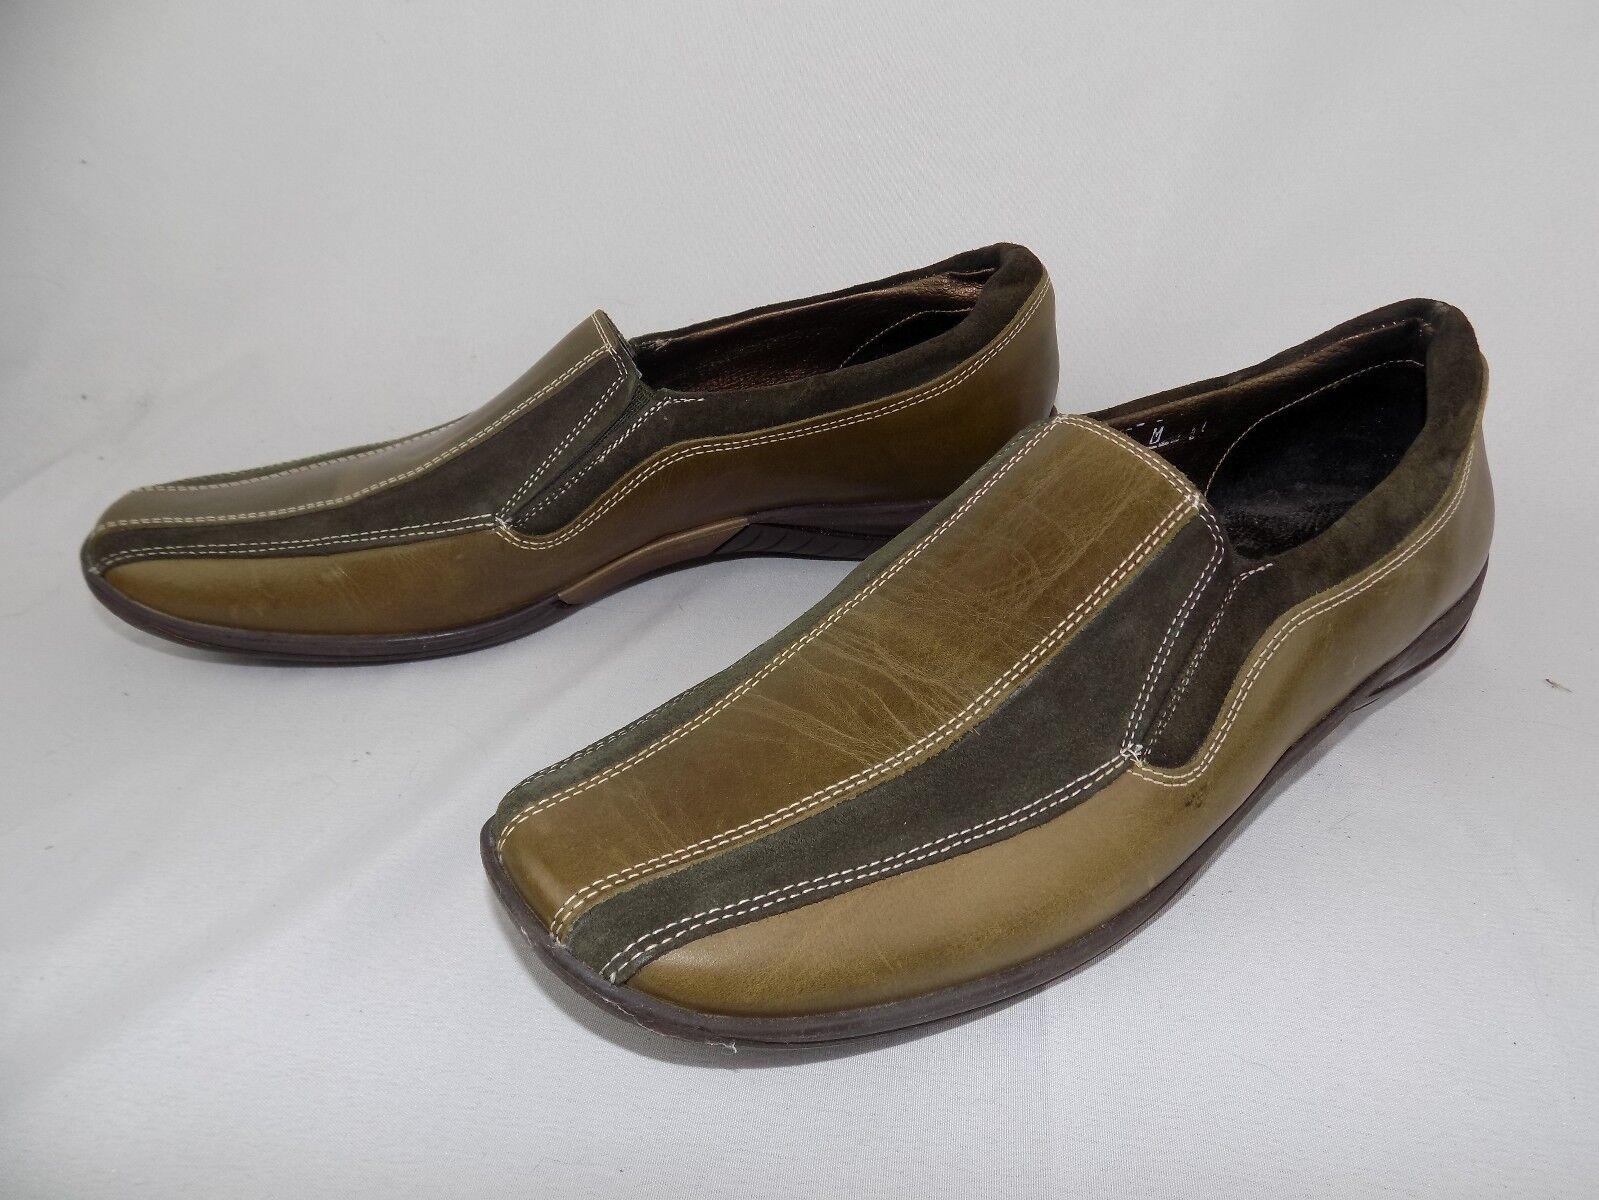 Spedizione gratuita al 100% Donna    Sesto Meucci Two tone Marrone Suede Leather Slip On scarpe Dimensione 9 M  stanno facendo attività di sconto